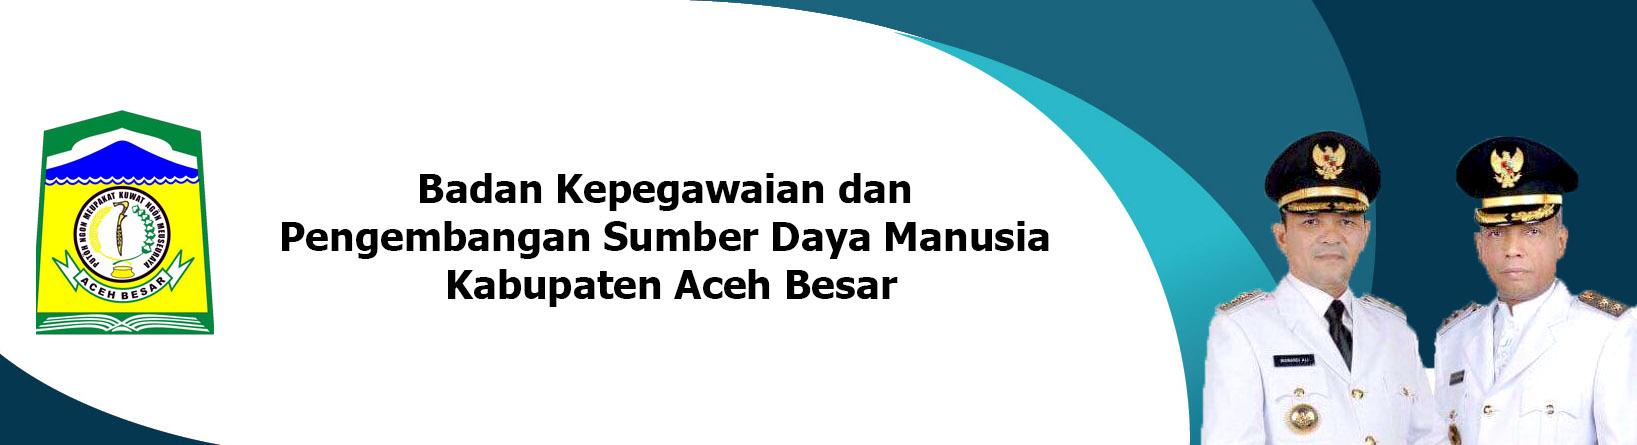 Badan Kepegawaian dan Pengembangan Sumber Daya Manusia Kabupaten Aceh Besar